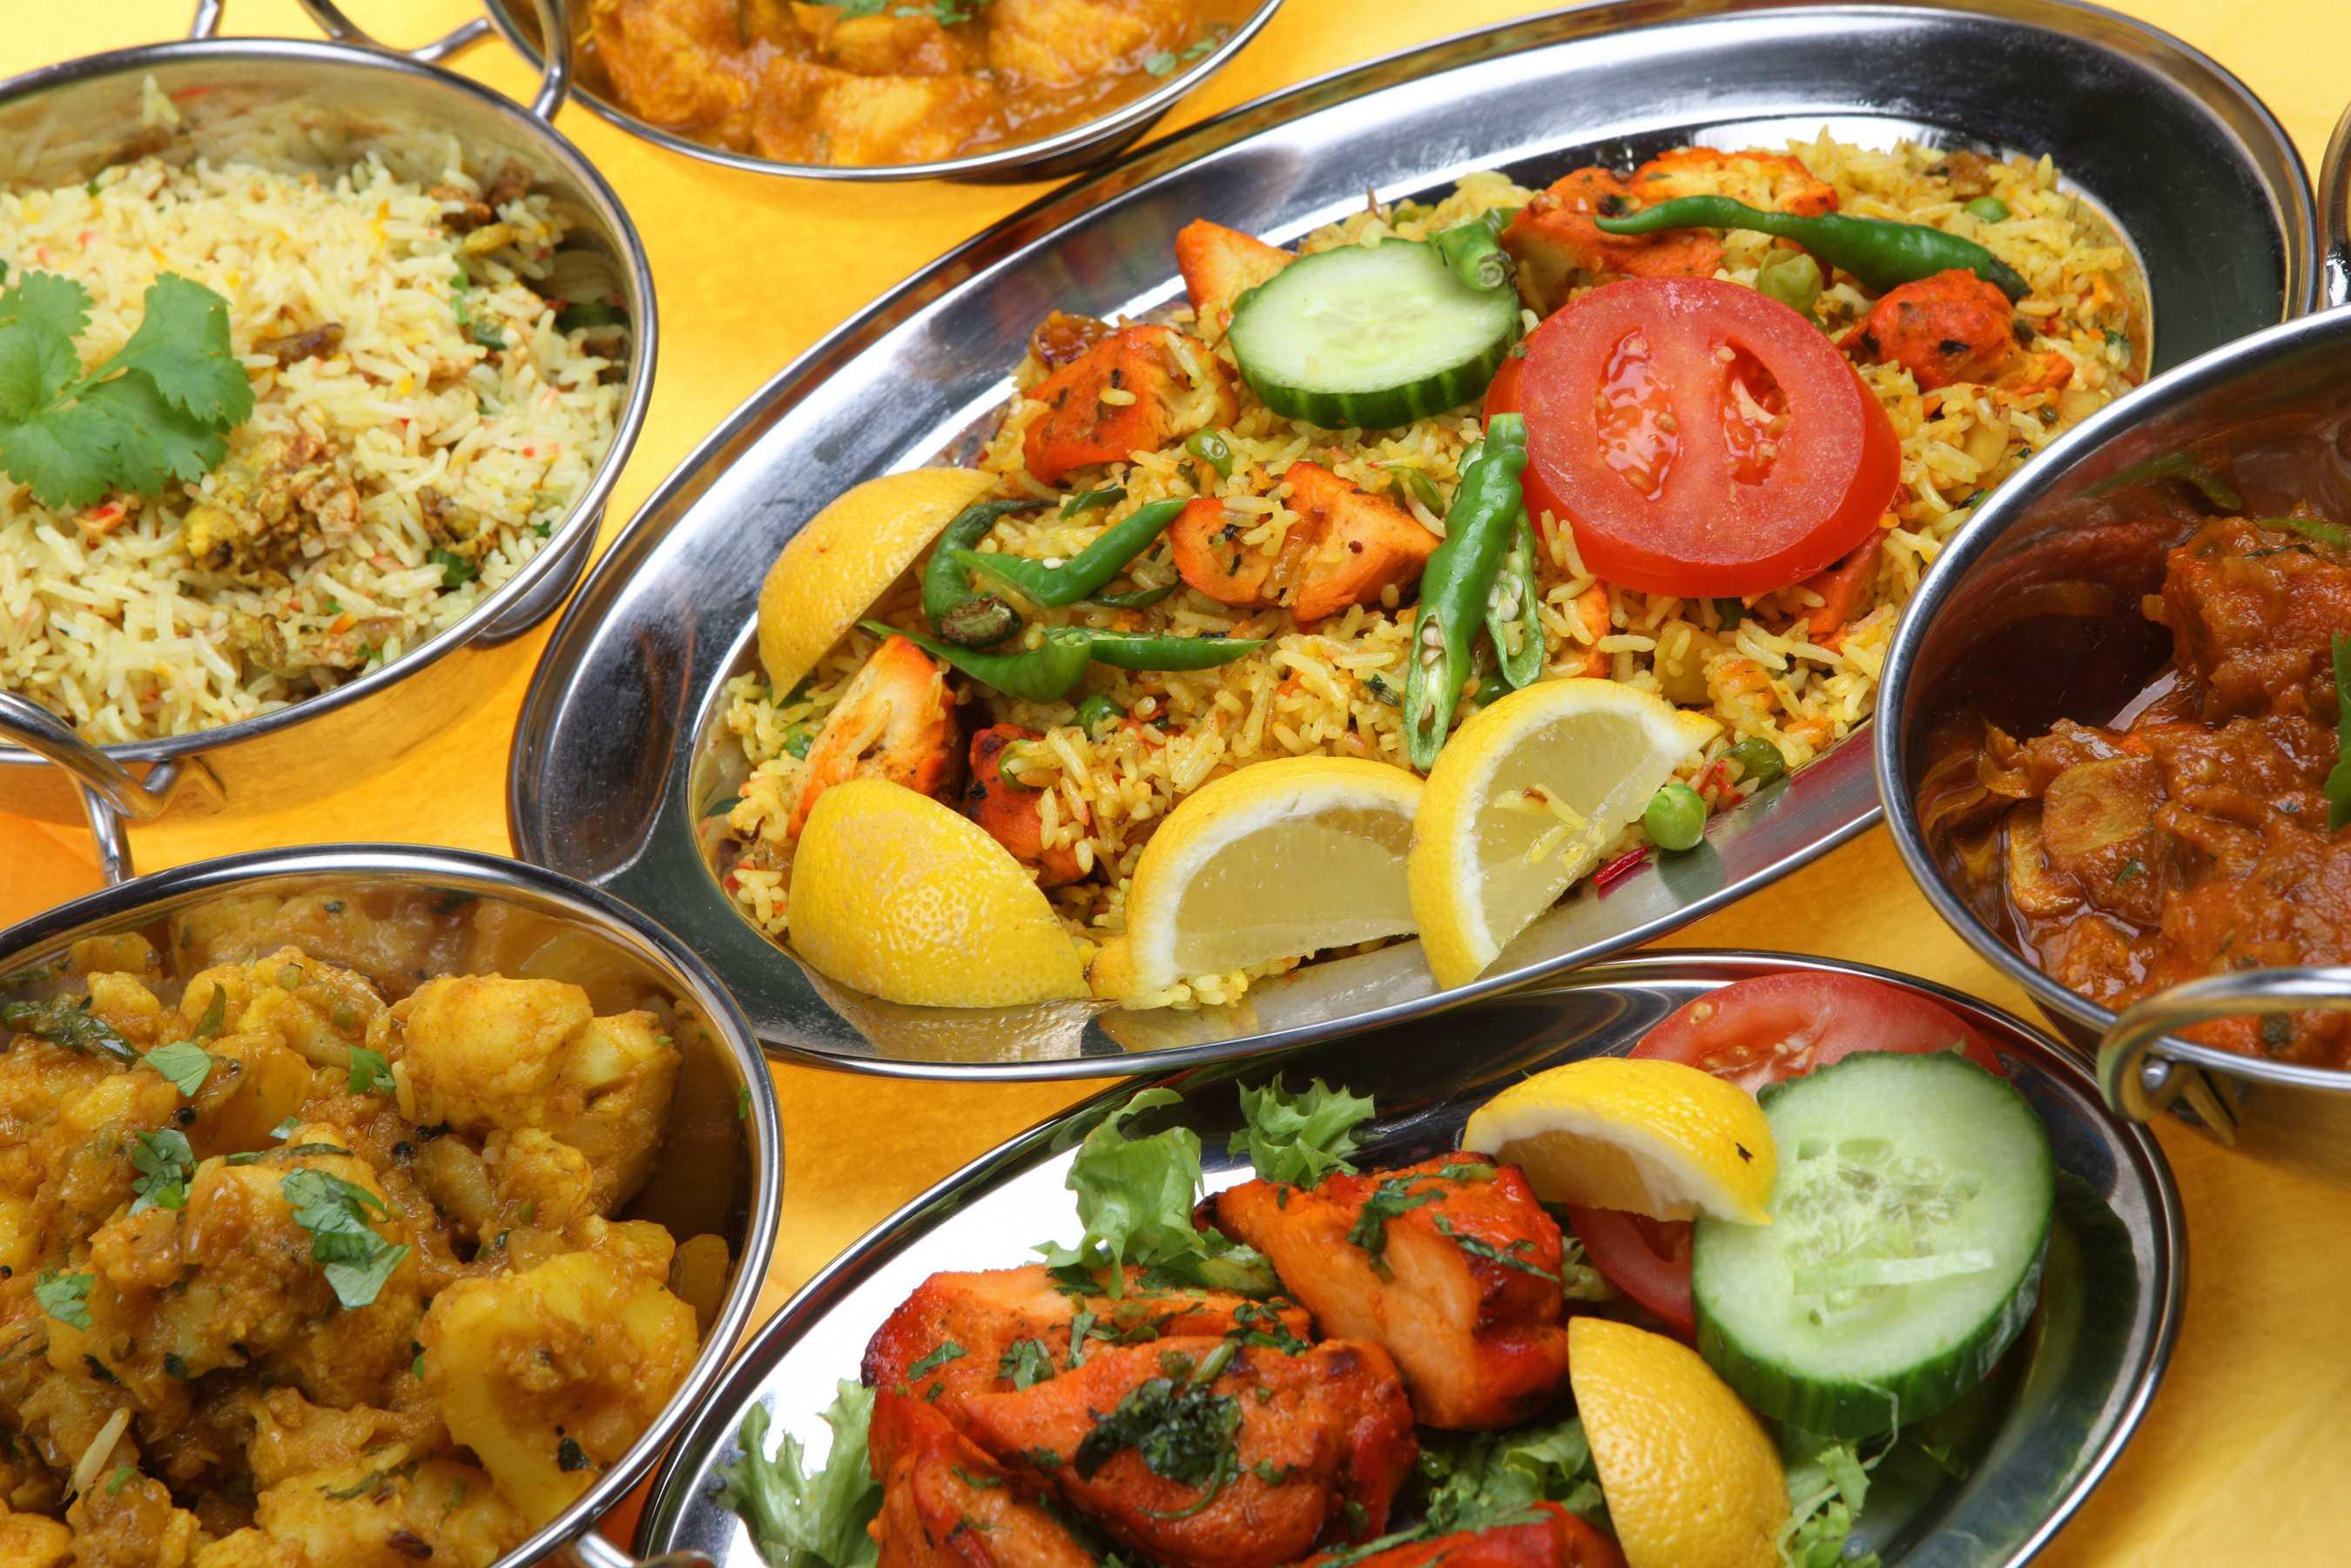 Bucataria indiana cu ingredientele sale tipice: orez, legume, curry si carne de pui.